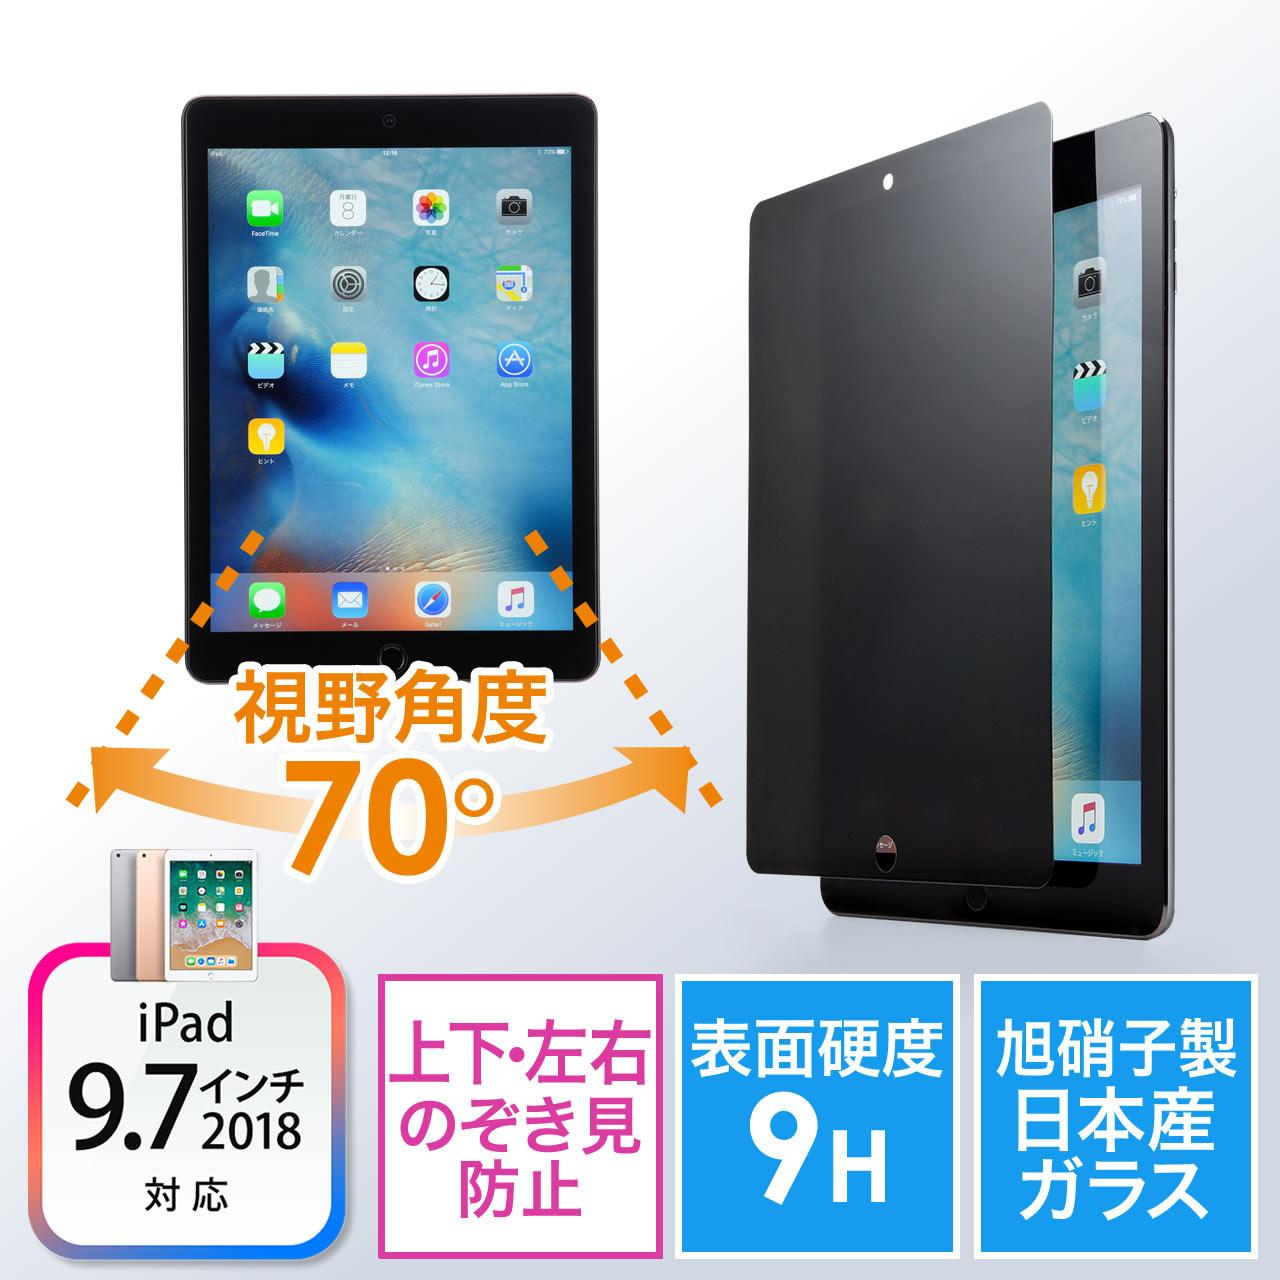 iPadフィルム(プライバシーフィルム・9.7インチiPad Pro・9.7インチiPad(2018/2017)・iPad Air2/Air) サンワダイレクト サンワサプライ 200-LCD030P